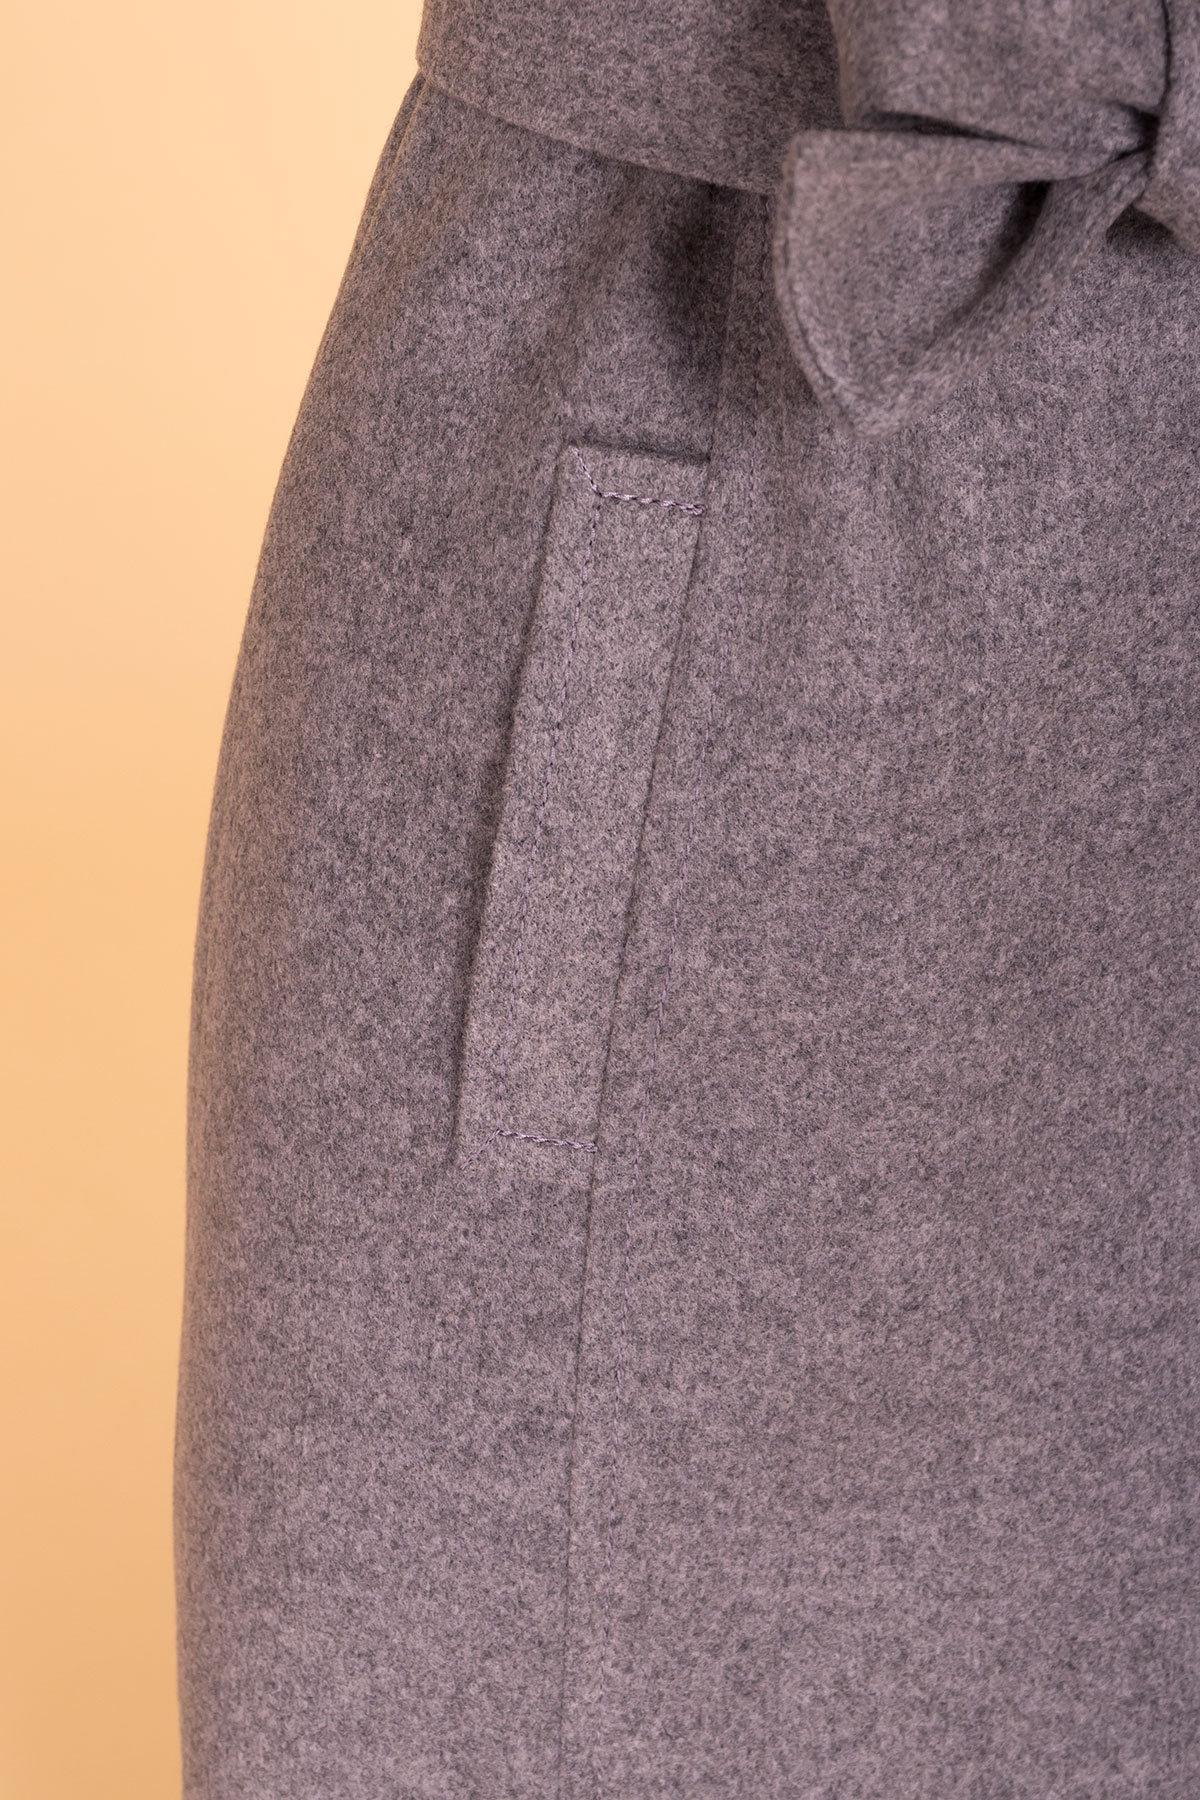 Пальто Лесли 6295 АРТ. 41118 Цвет: Карамель 20/1 - фото 6, интернет магазин tm-modus.ru